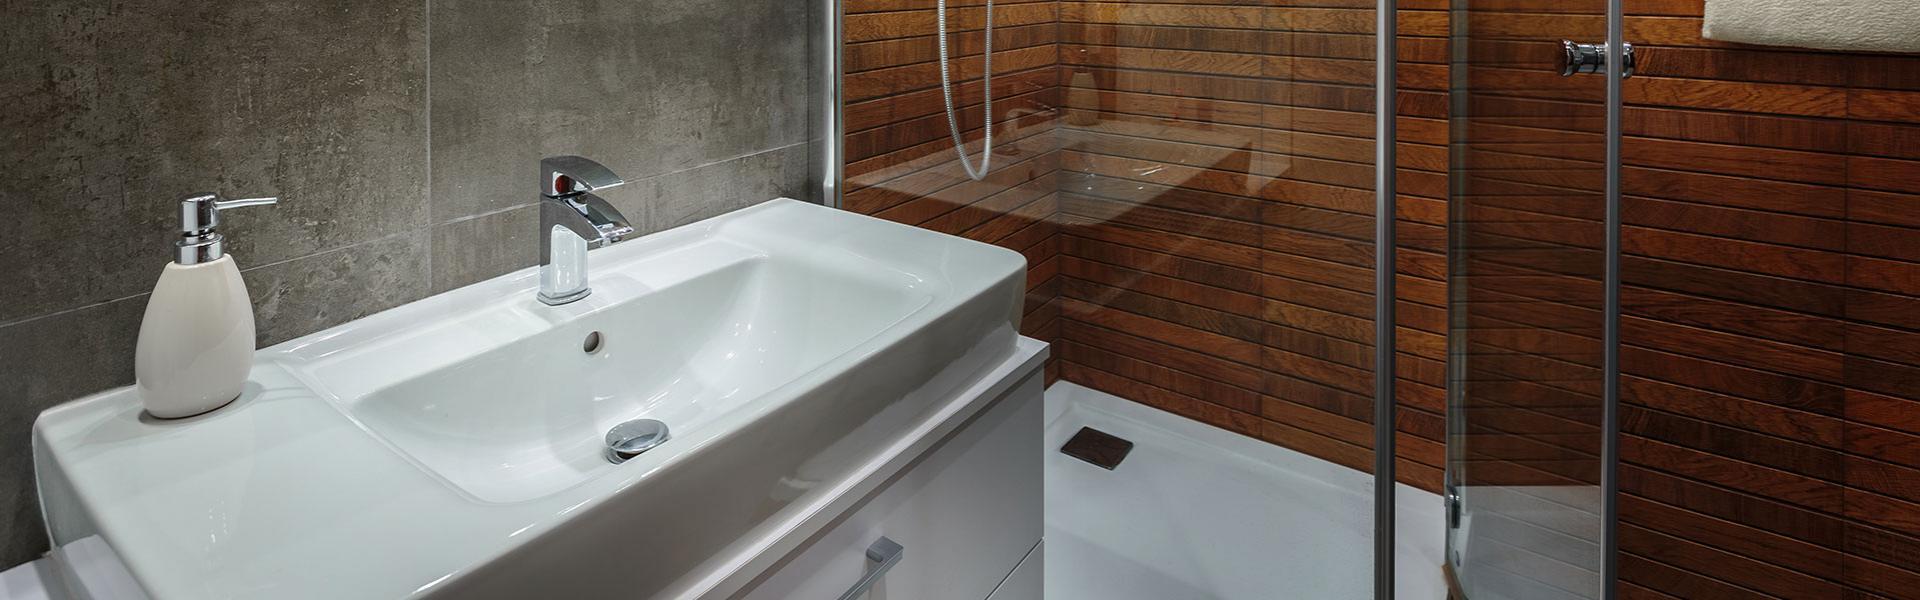 Salle de bains 14